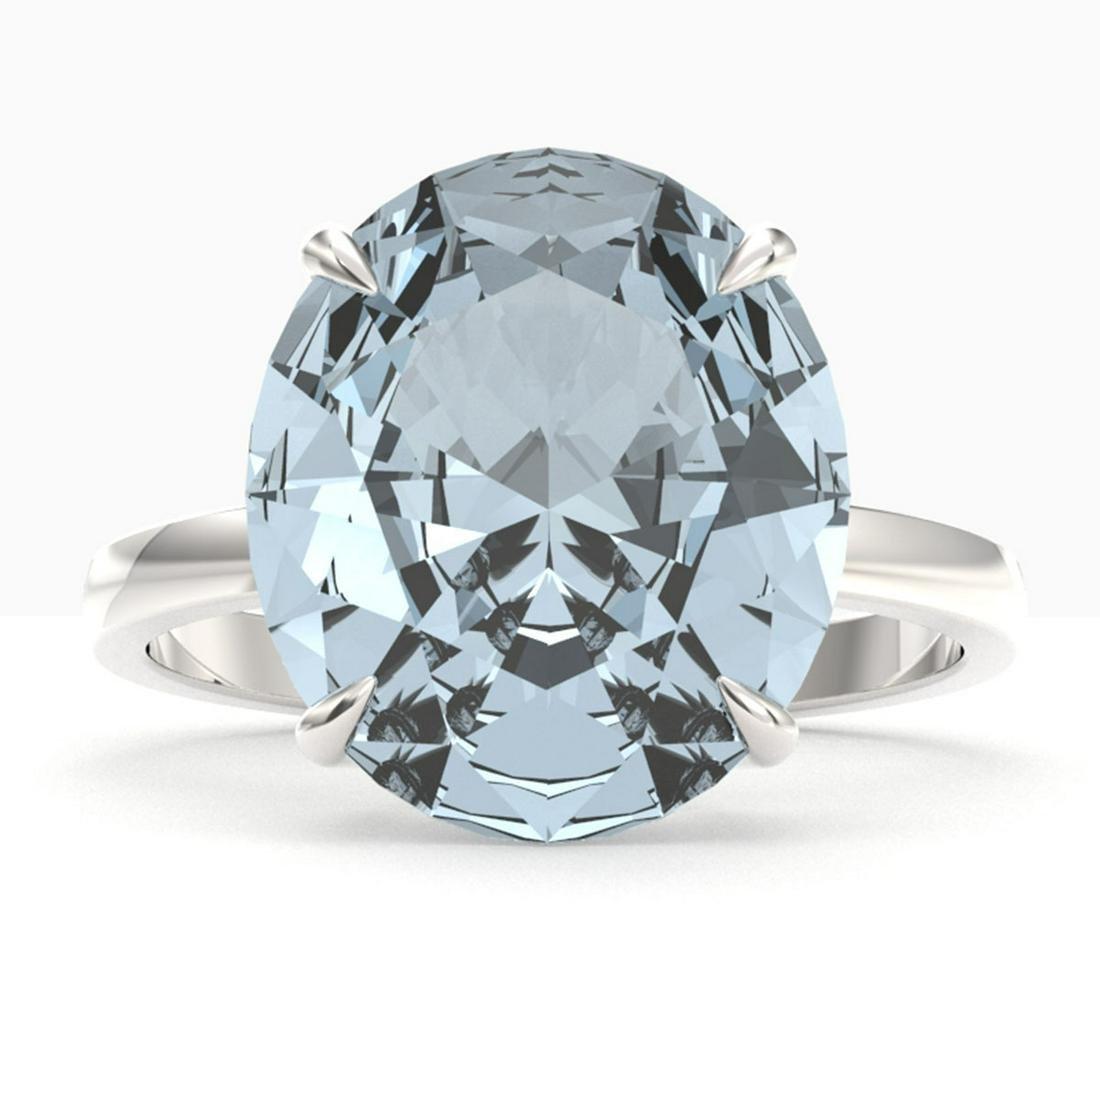 9 ctw Sky Blue Topaz Ring 18K White Gold